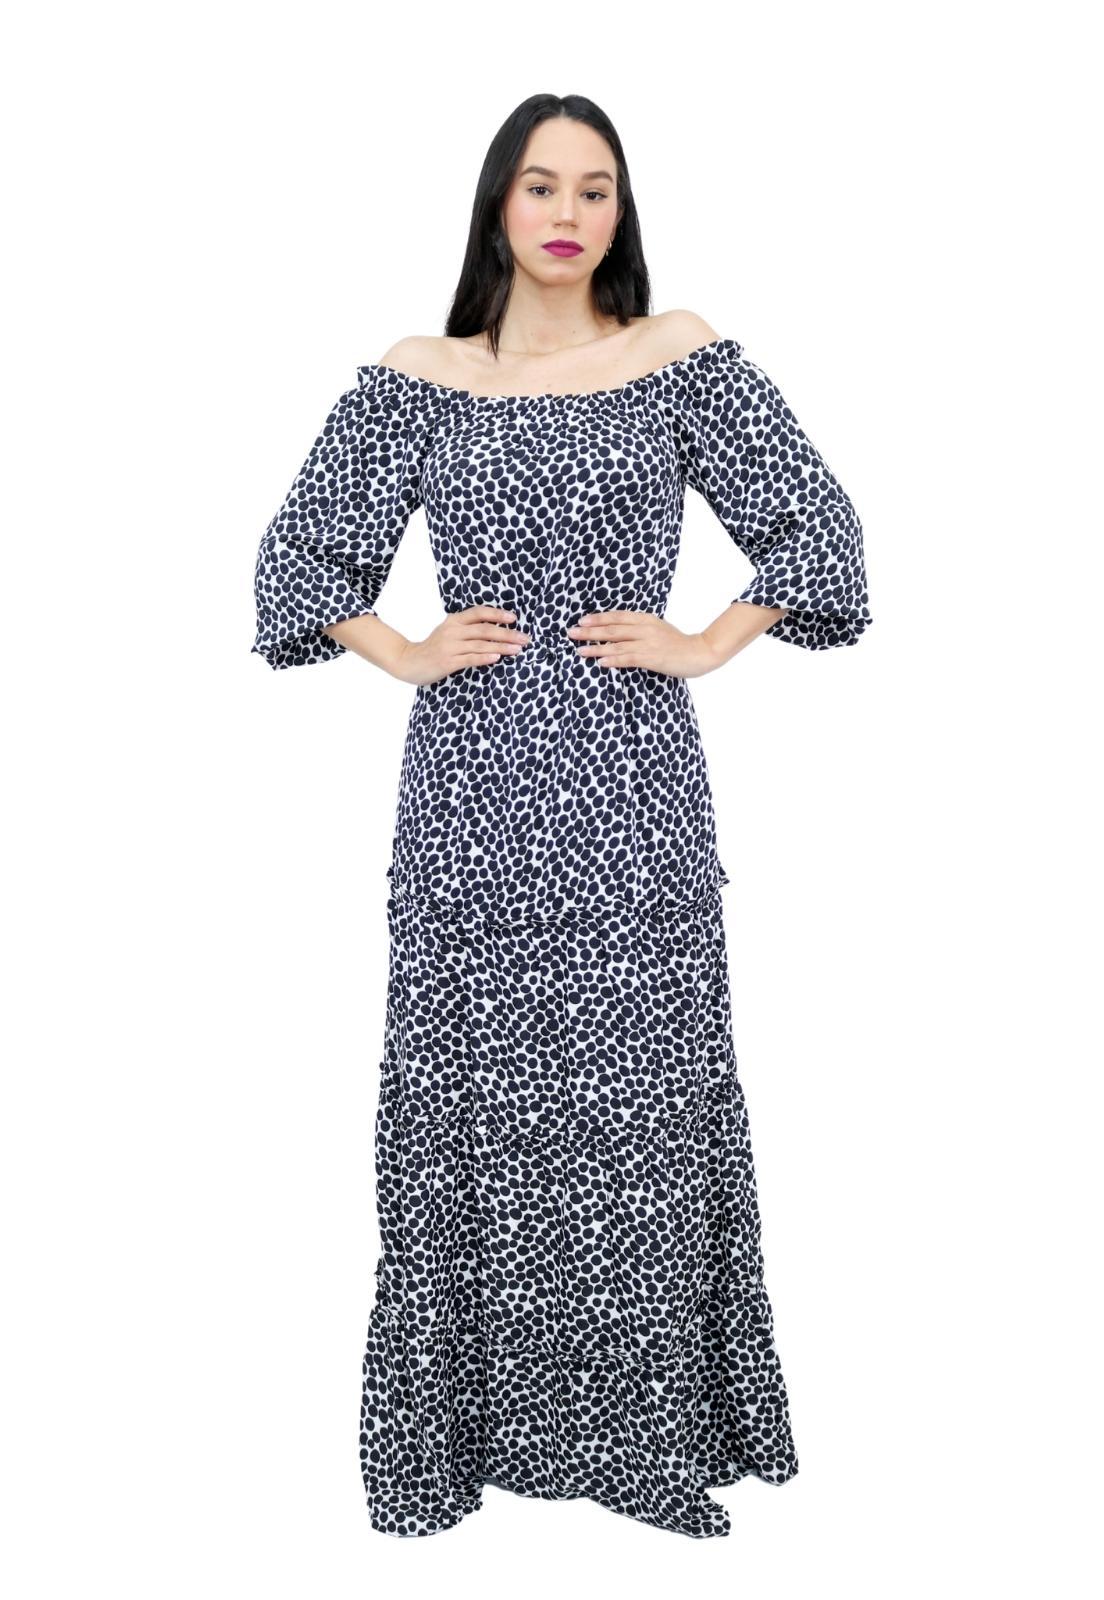 Vestido Longo Estampado de Poá Ciganinha Manga Longa